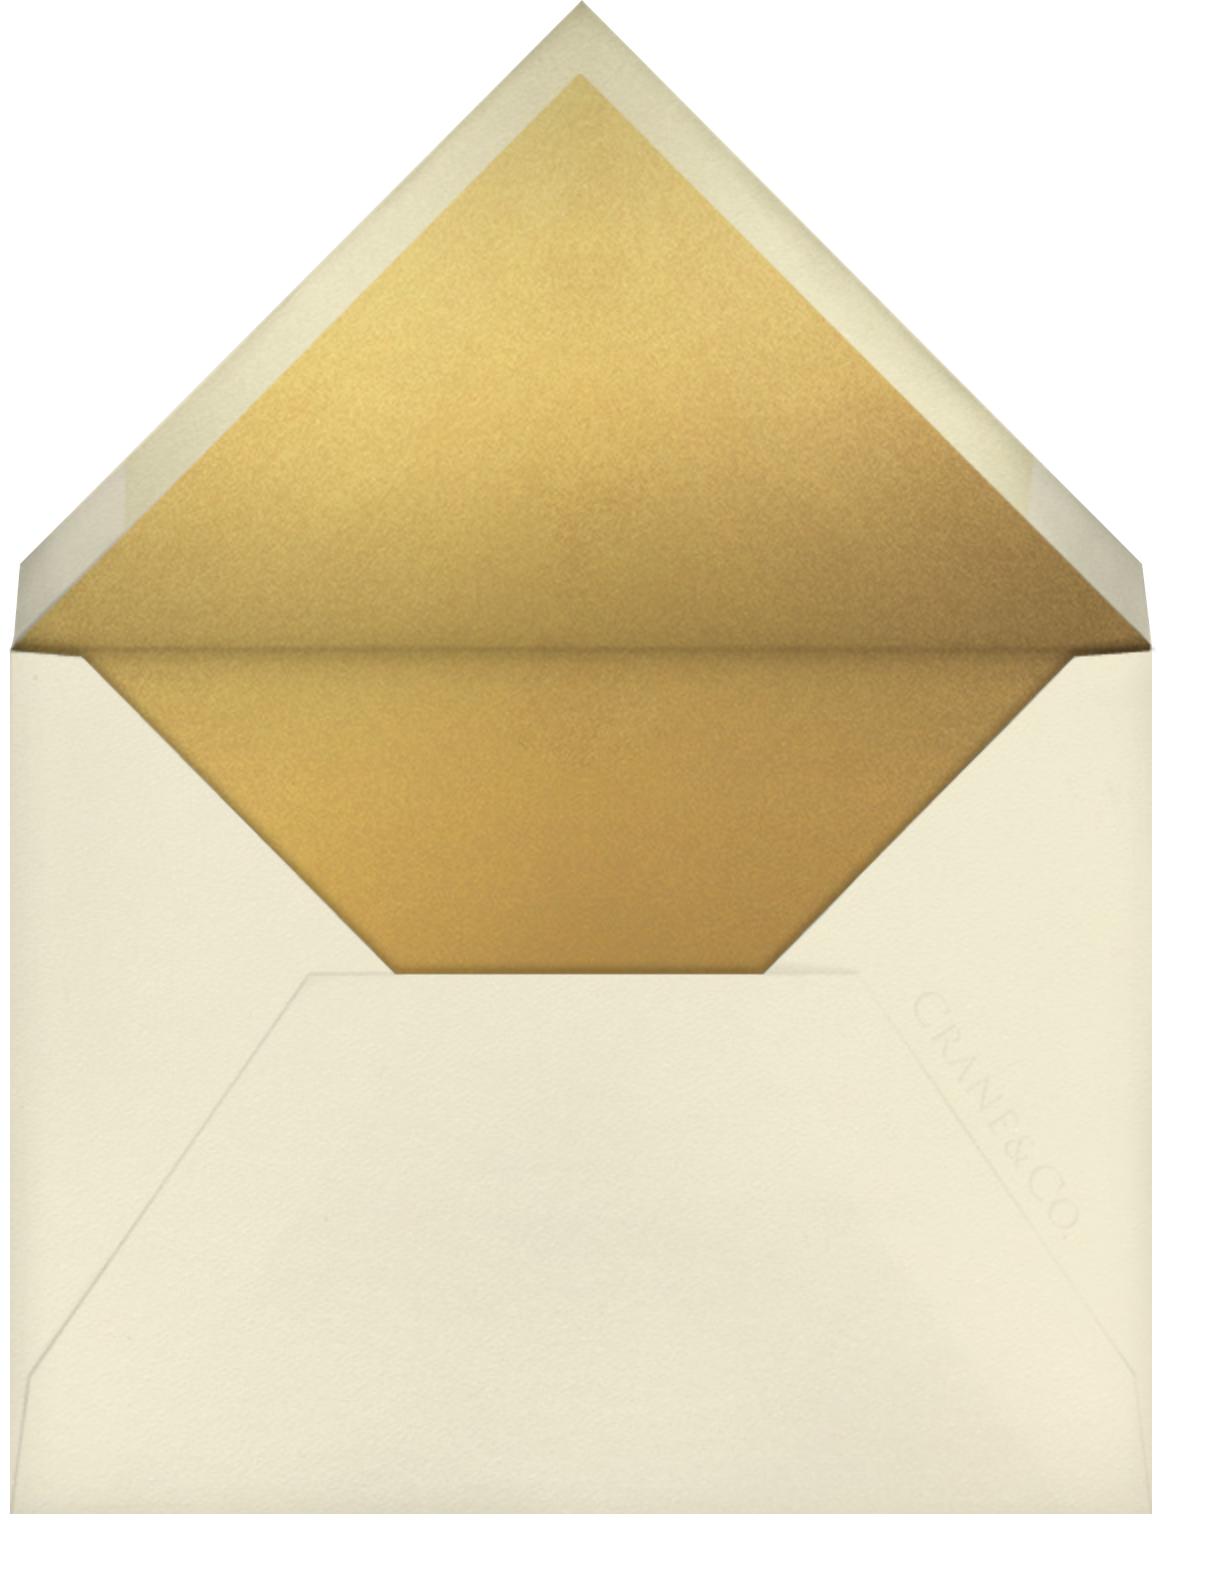 Gala - Medium Gold - Kelly Wearstler - All - envelope back